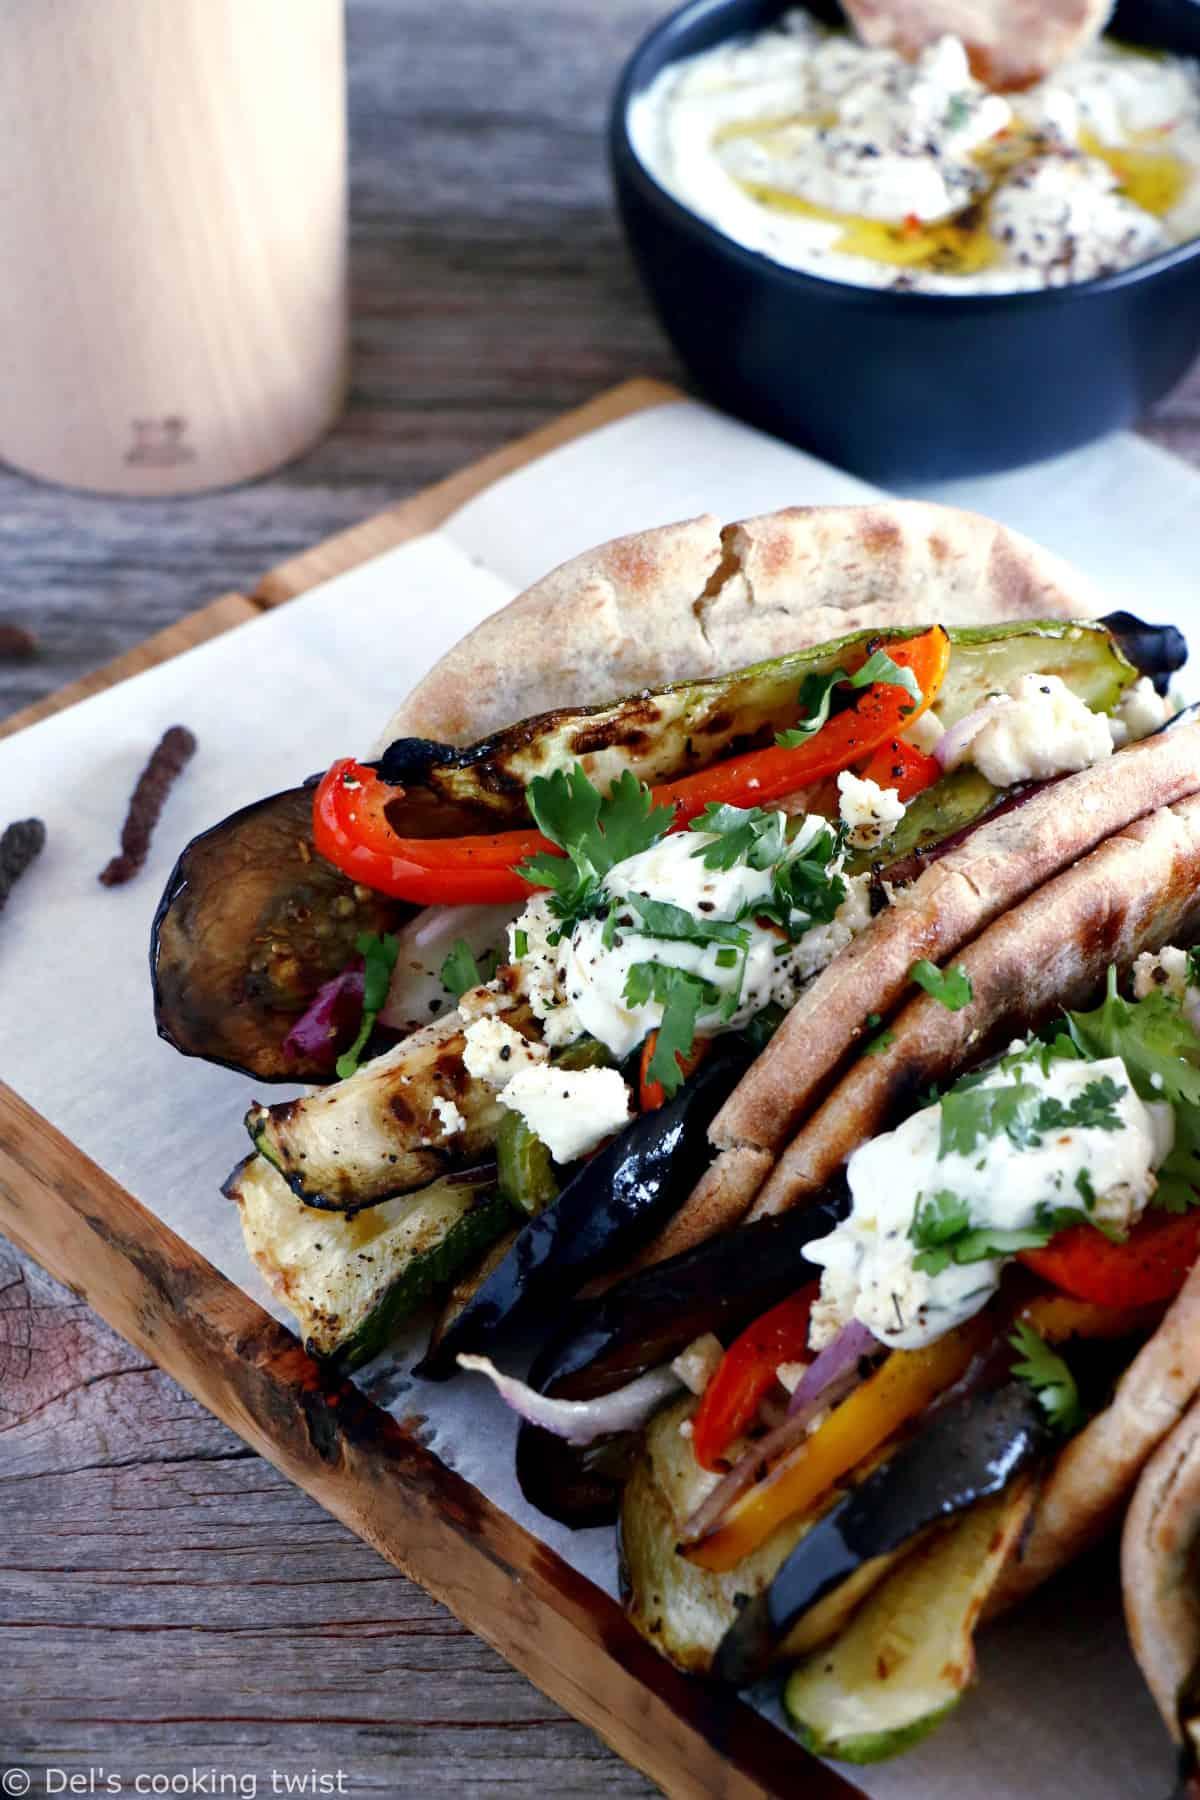 Le soleil s'invite au menu avec ces gyros aux légumes grillés et dip yaourt-feta, une version végétarienne du fameux sandwich grec réalisé à base de pain pita.